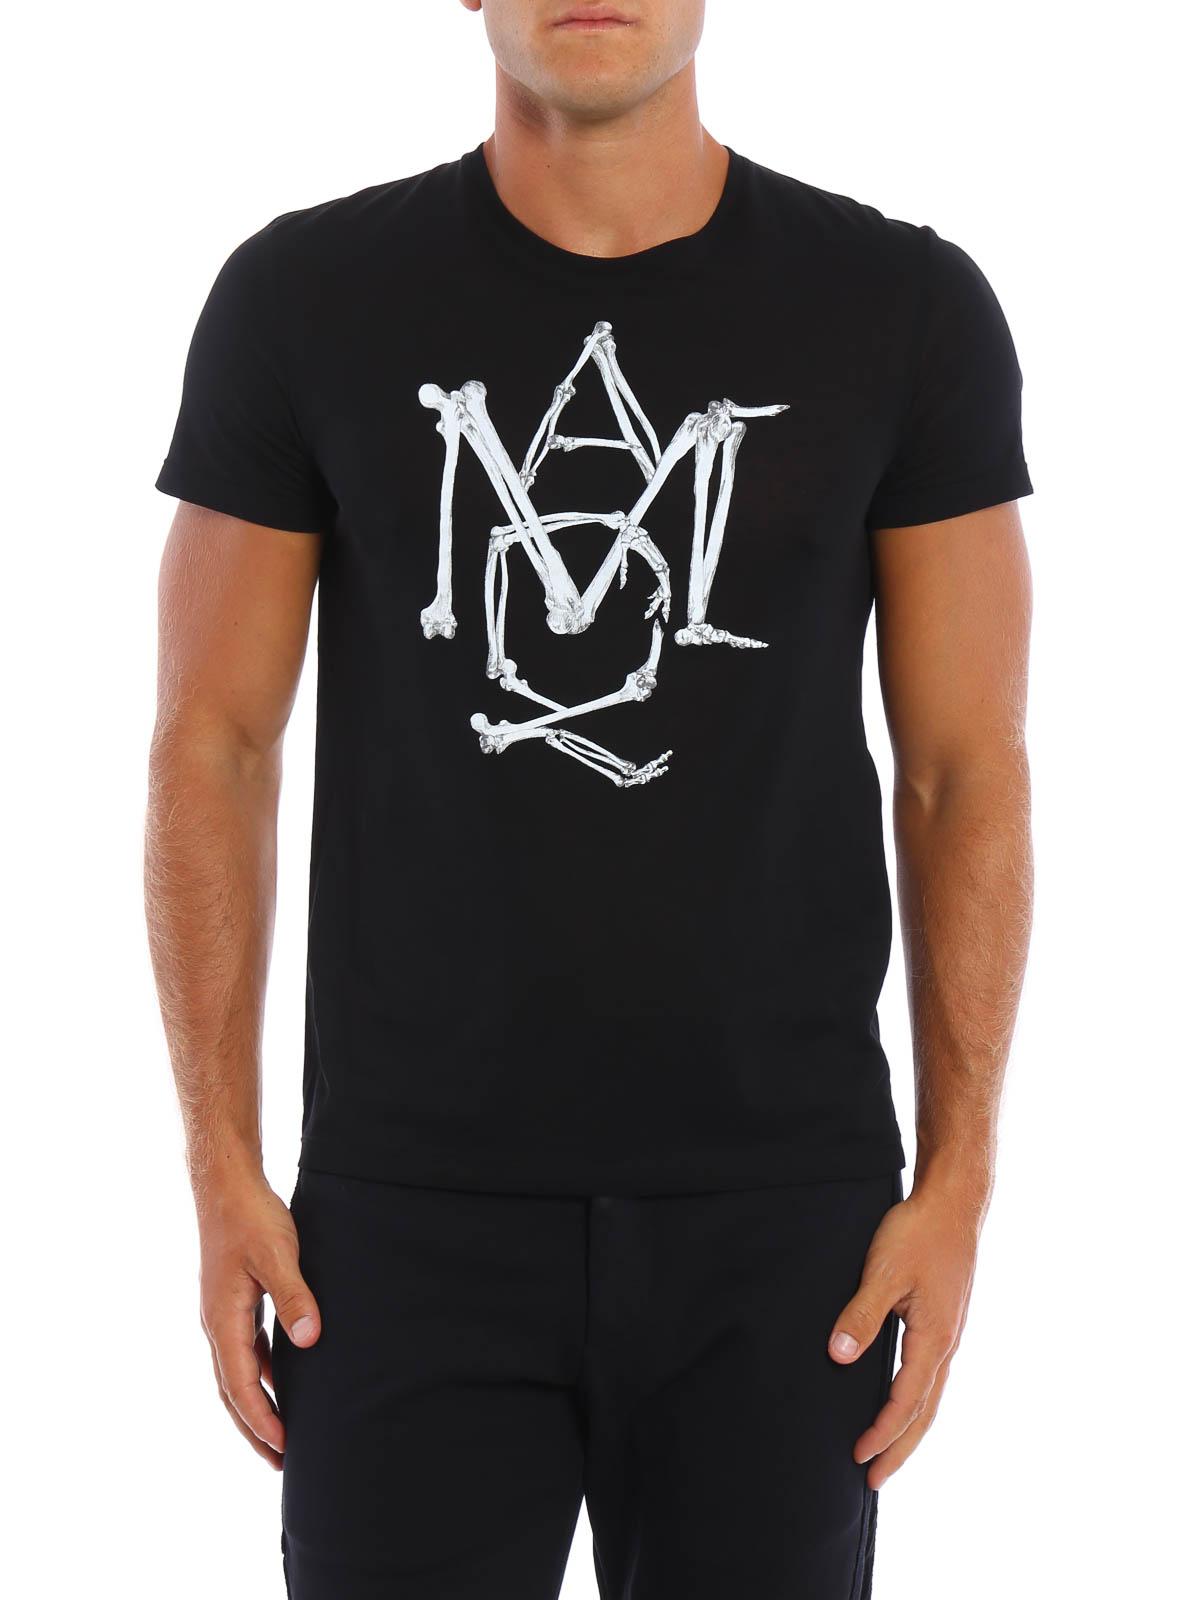 Bones logo t shirt by alexander mcqueen t shirts ikrix for Alexander mcqueen shirt men